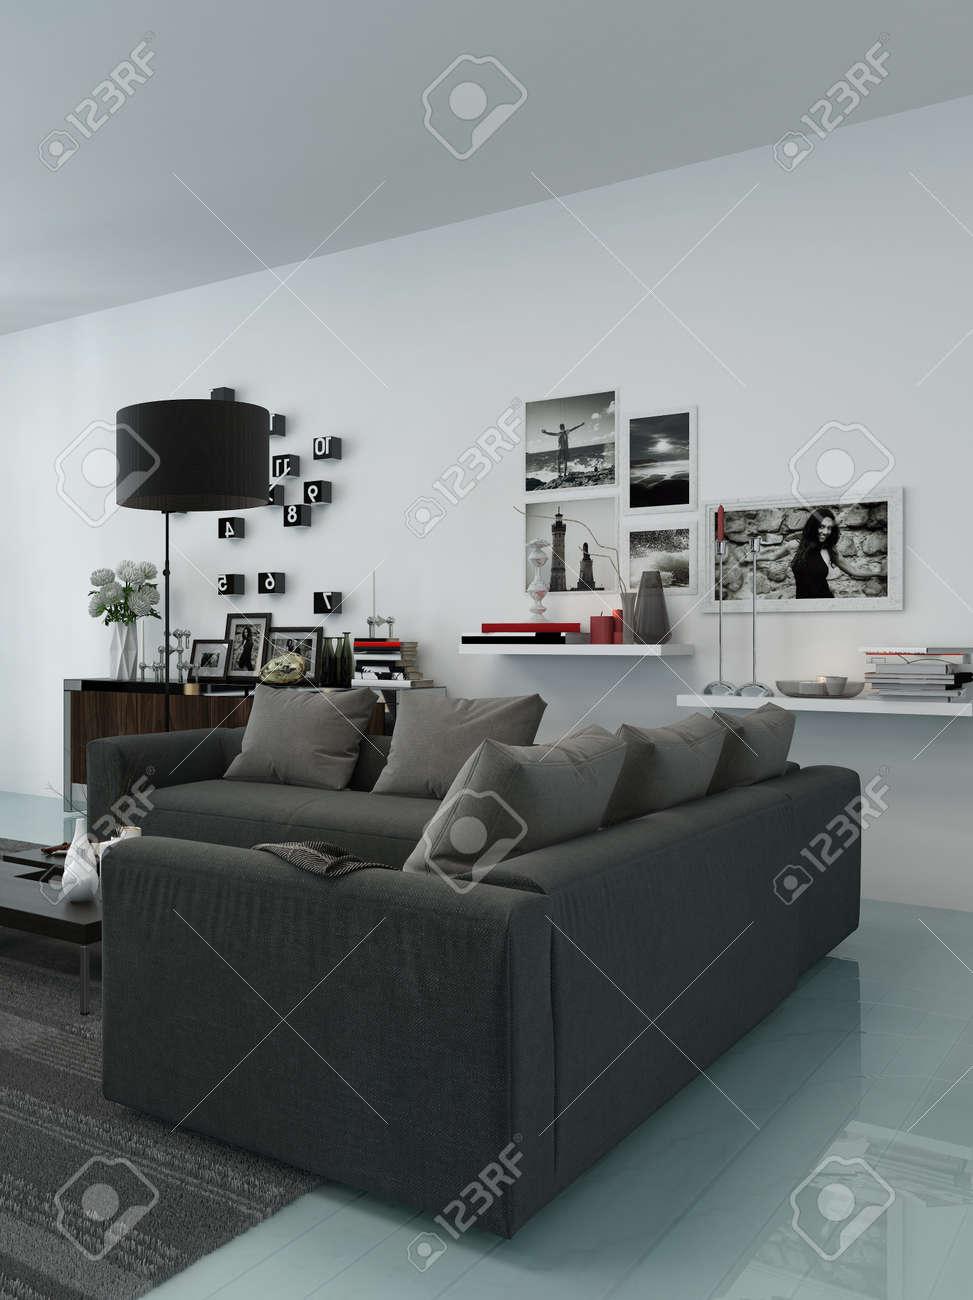 Moderne Wohnzimmer Innenraum Mit Bequemen Polstersitzgruppe ...